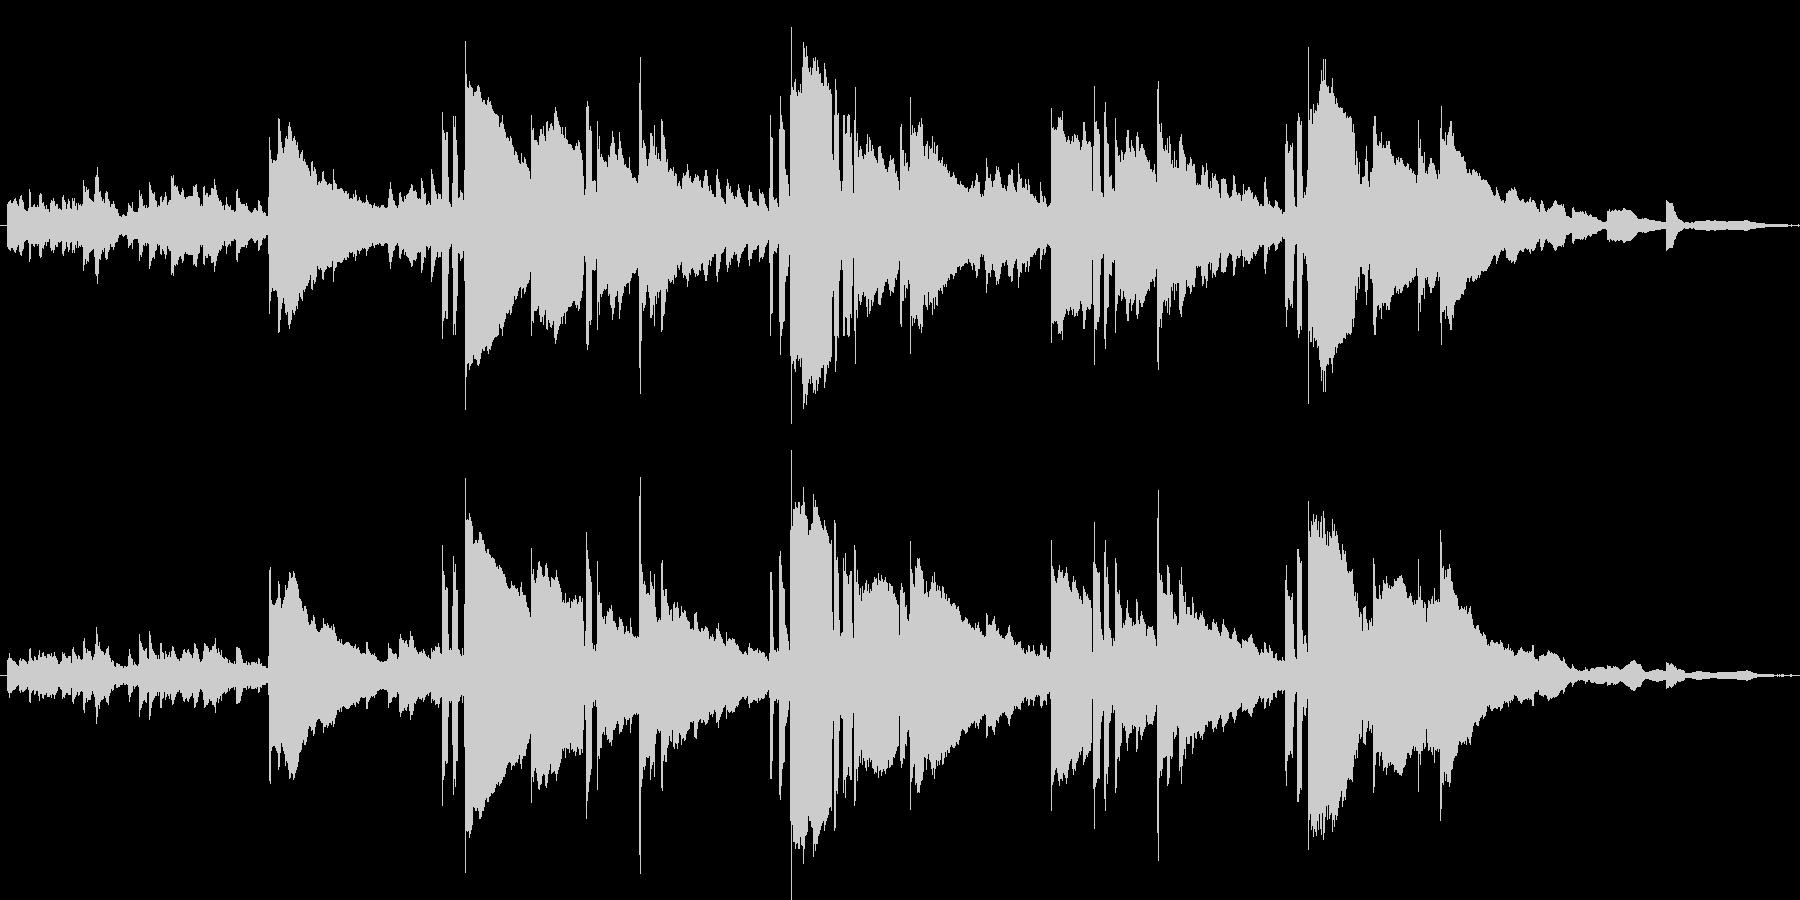 明るく可愛いキラキラとしたワルツBGMの未再生の波形